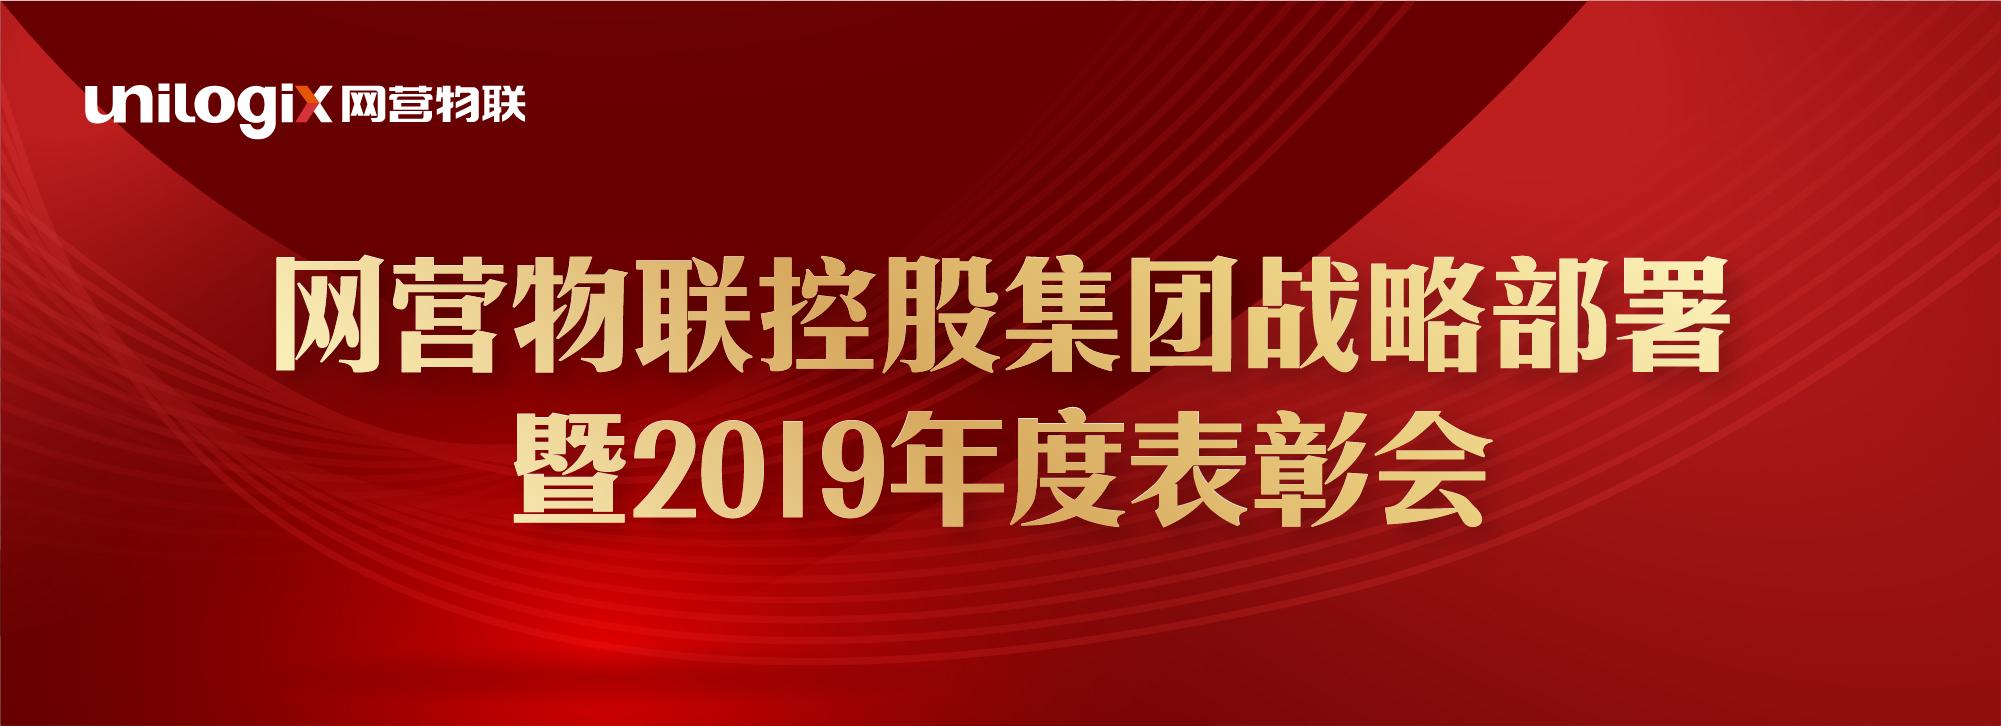 网营物联控股集团战略部署暨2019年度表彰会成功举行